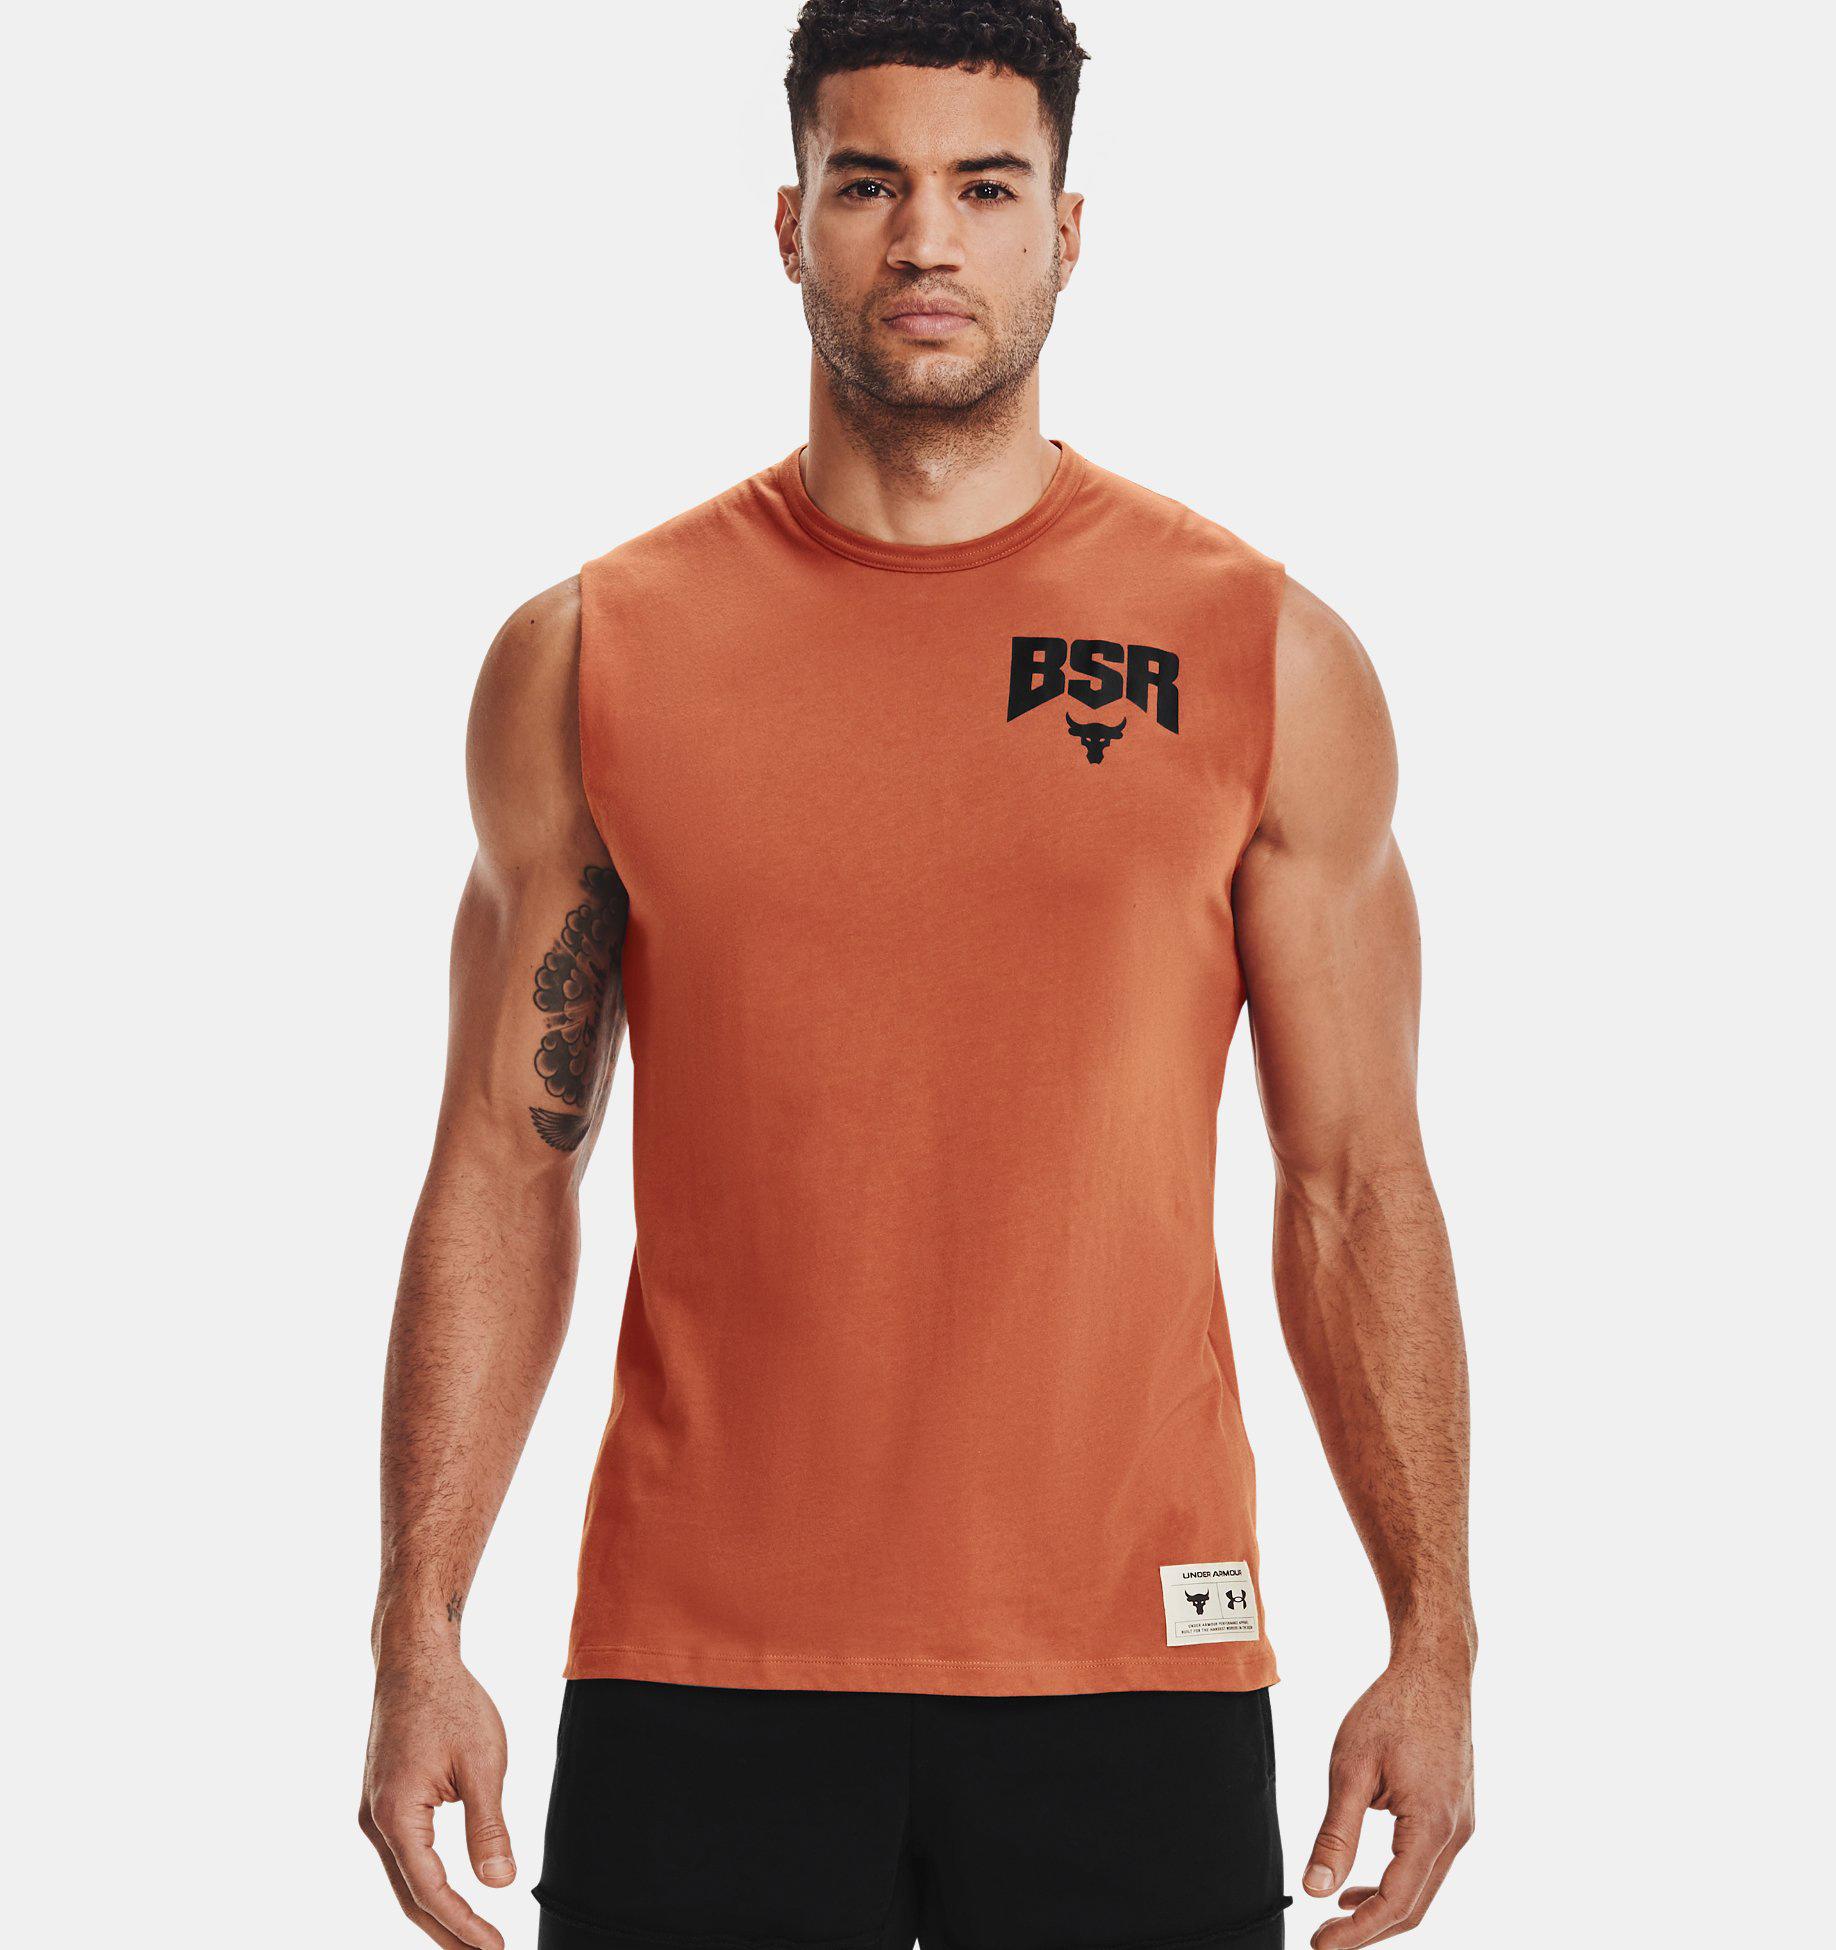 project-rock-iron-paradise-tour-sleeveless-orange-shirt